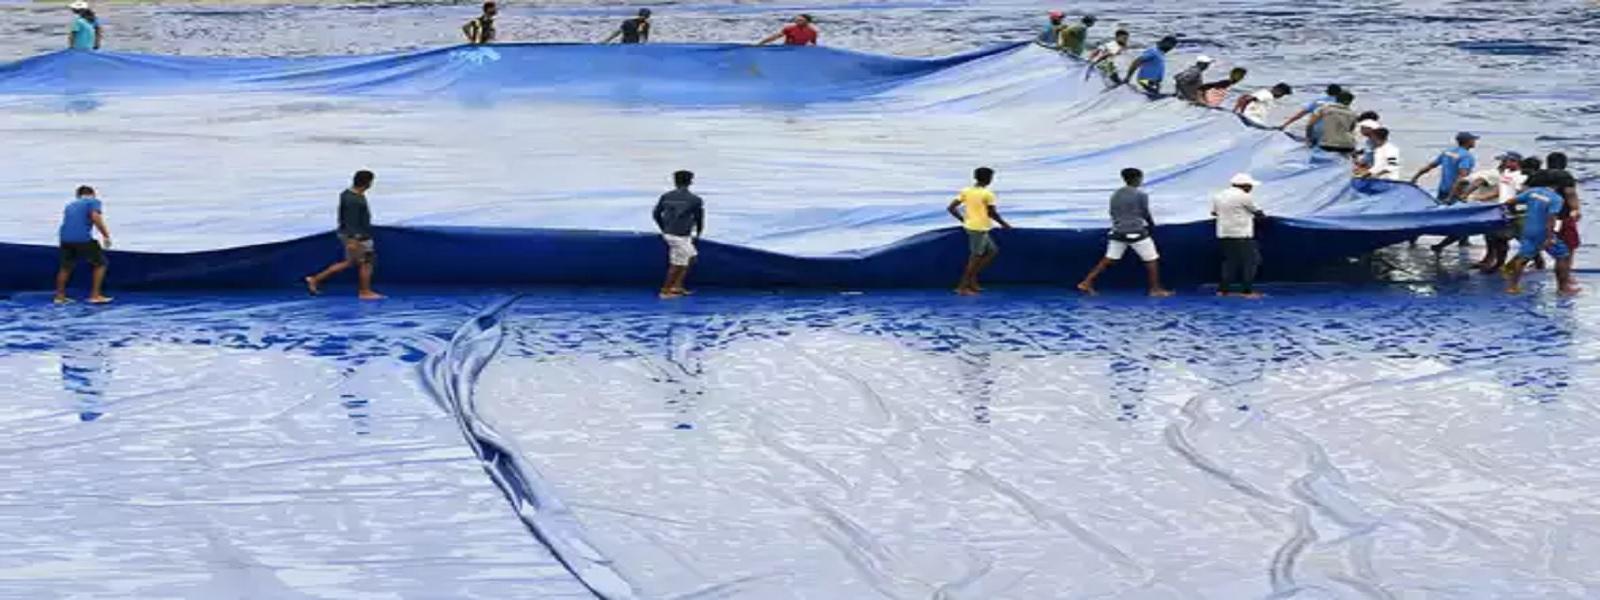 இரண்டாவது டெஸ்ட் கிரிக்கெட் போட்டியின் முதல் நாள் ஆட்டம் மழையால் தடைப்பட்டது